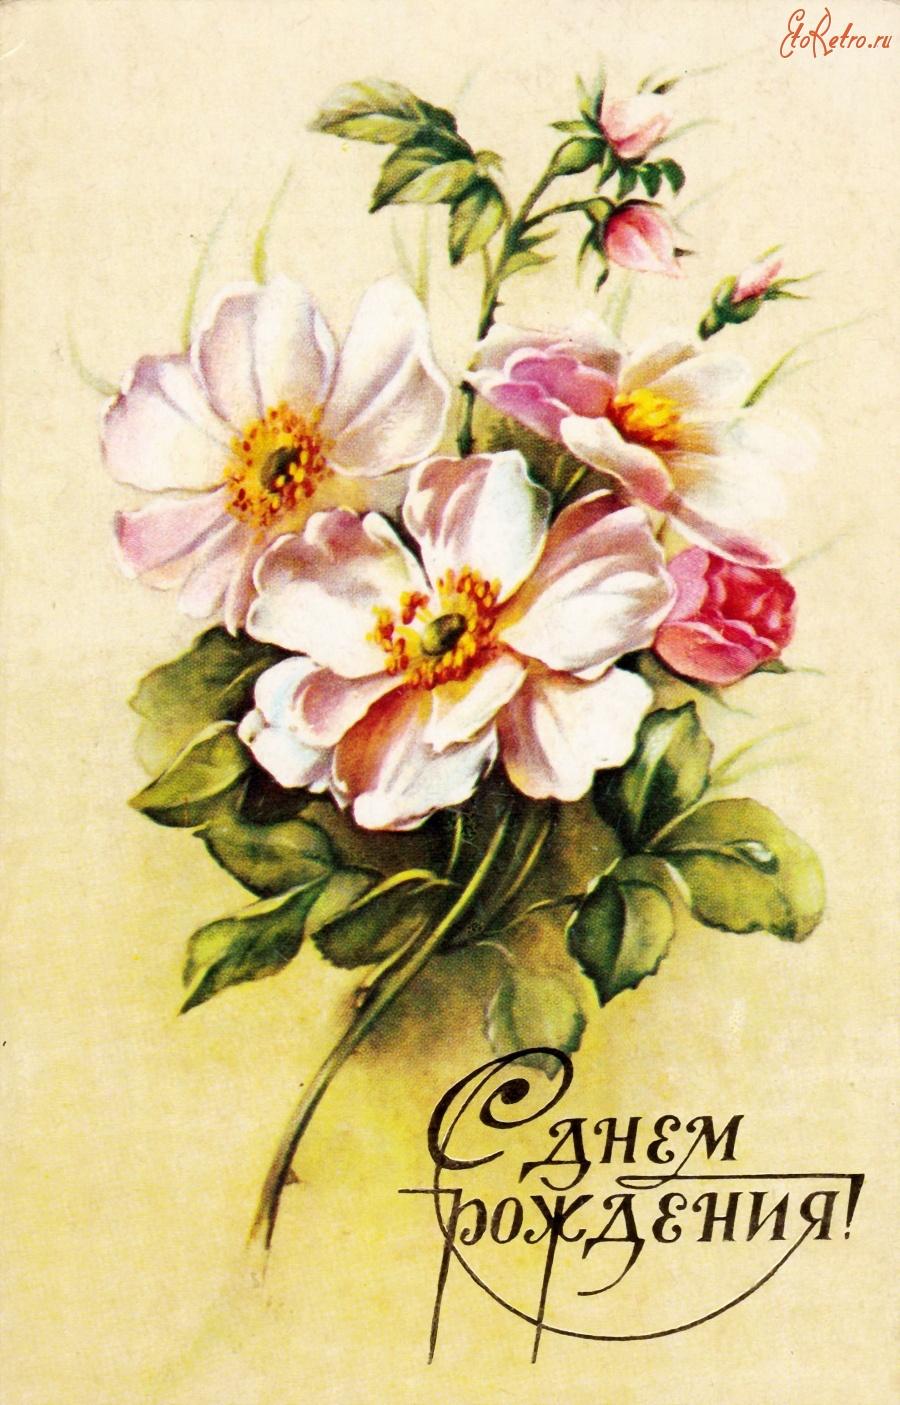 Картинки старых открыток поздравления с днем рождения